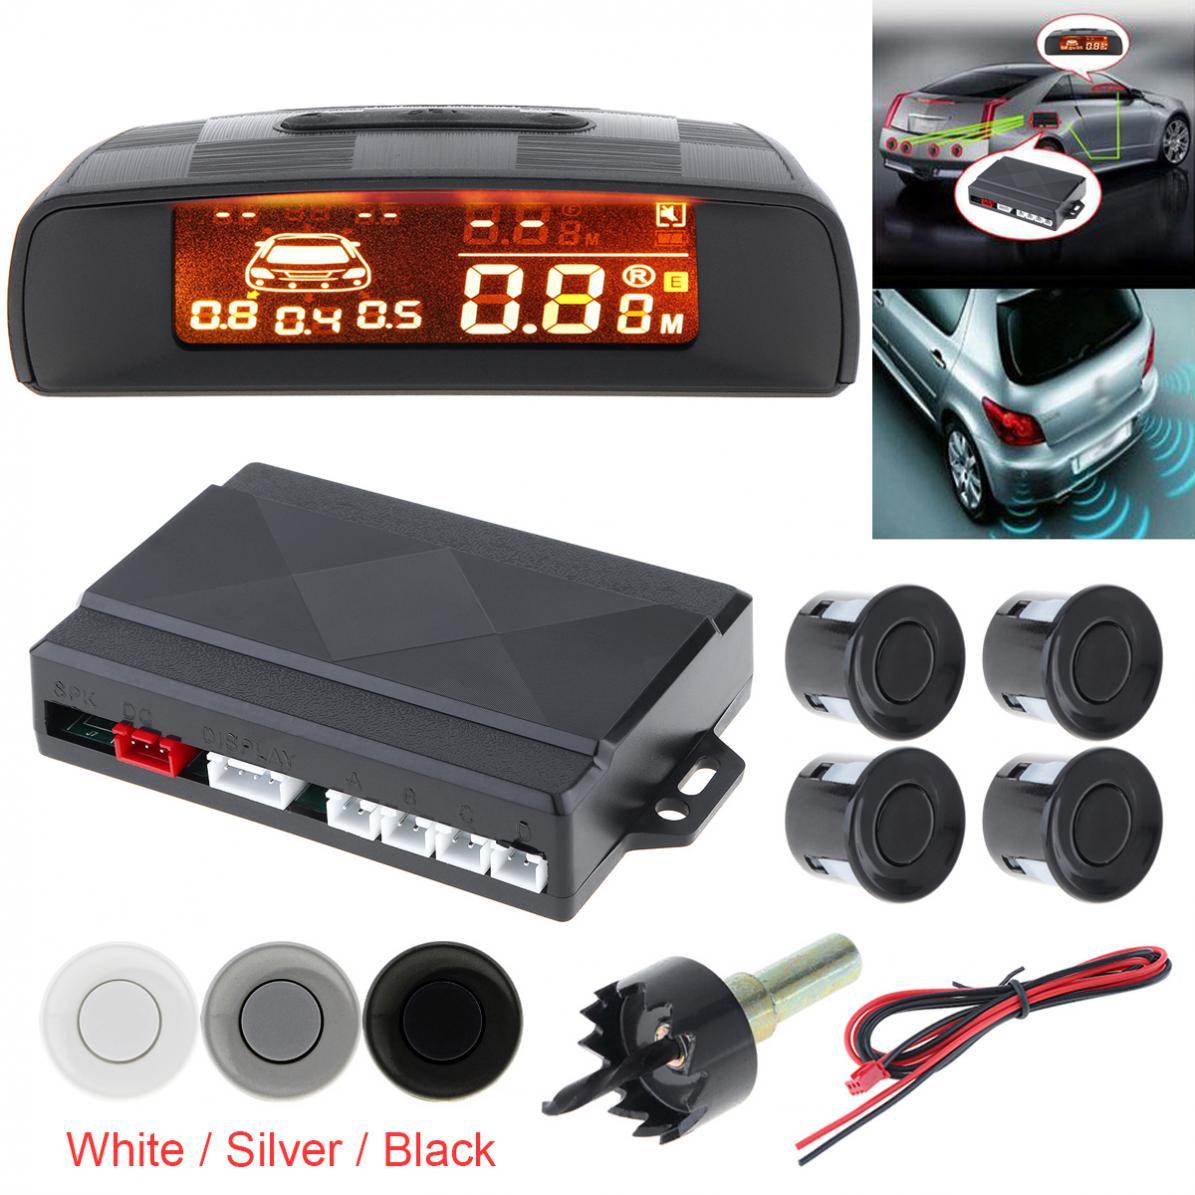 Affichage LCD Durable moniteur de voiture Kit de capteur de stationnement détecteur de Radar automatique 4 capteurs indicateur d'alarme système de Radar de secours inverse